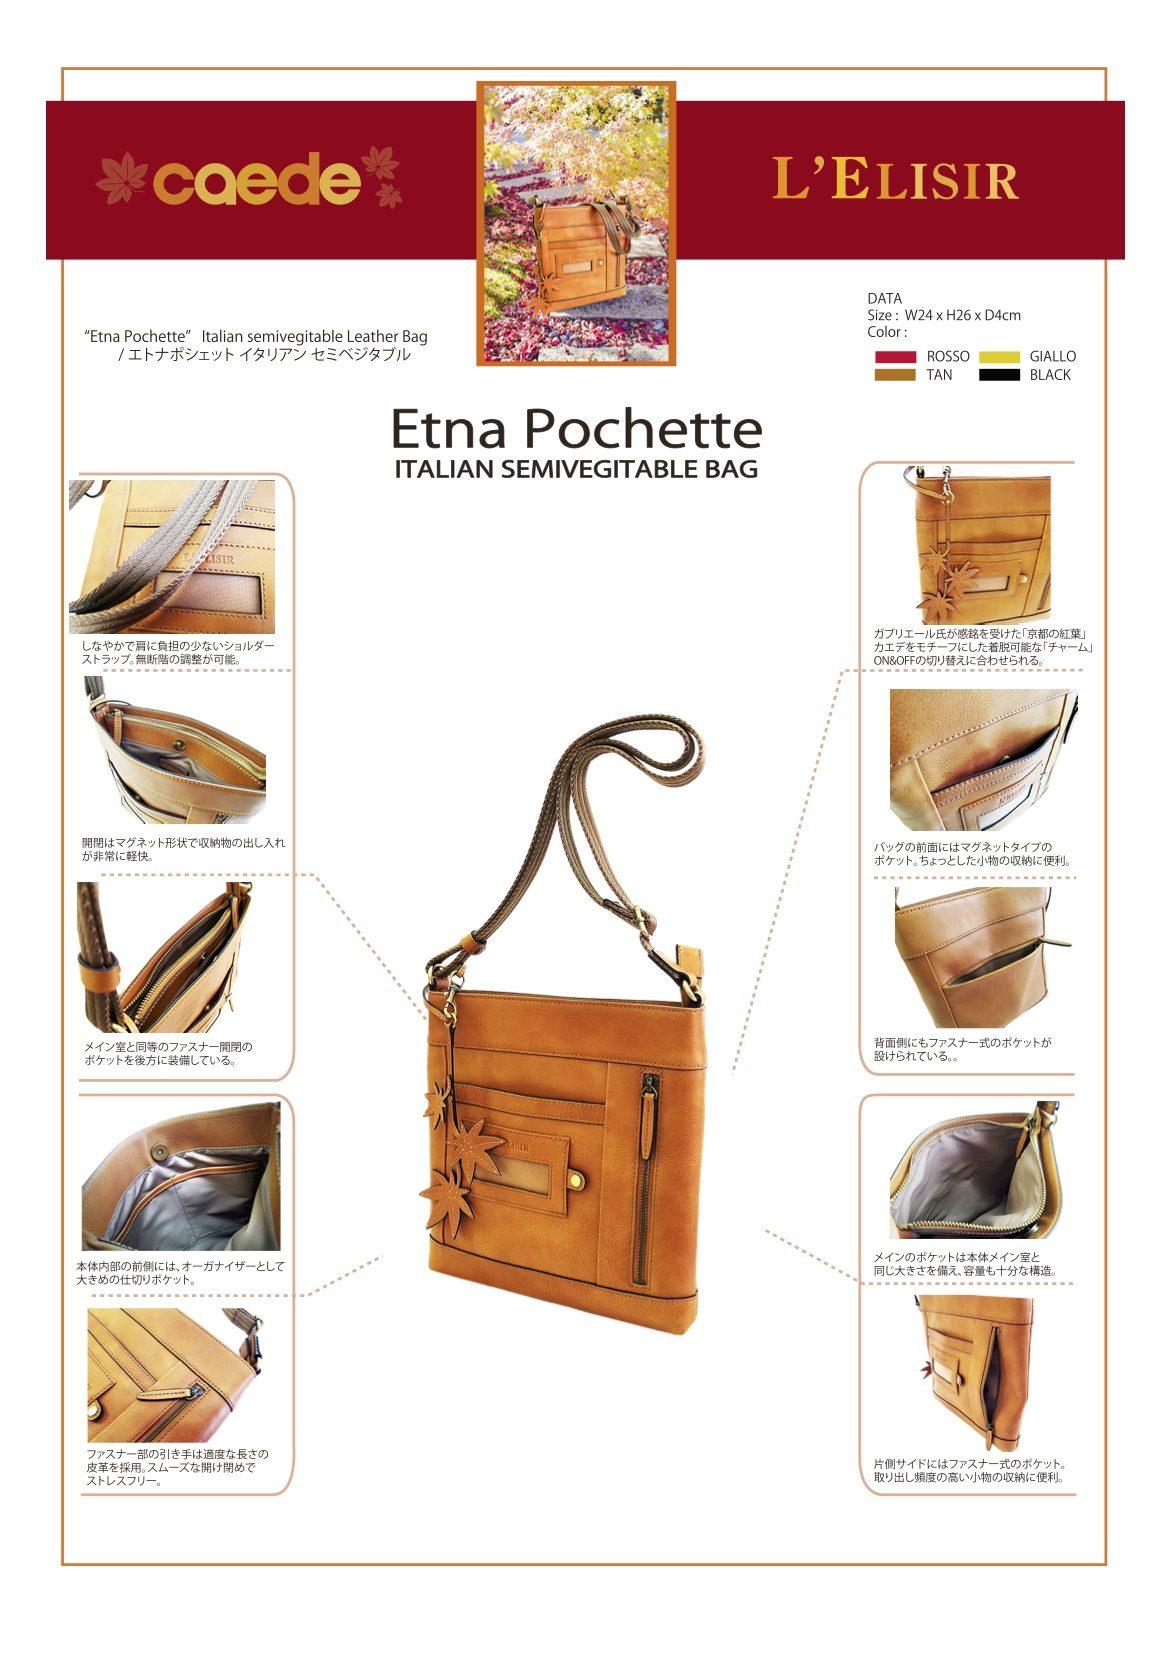 71273 etna pochette 機能説明